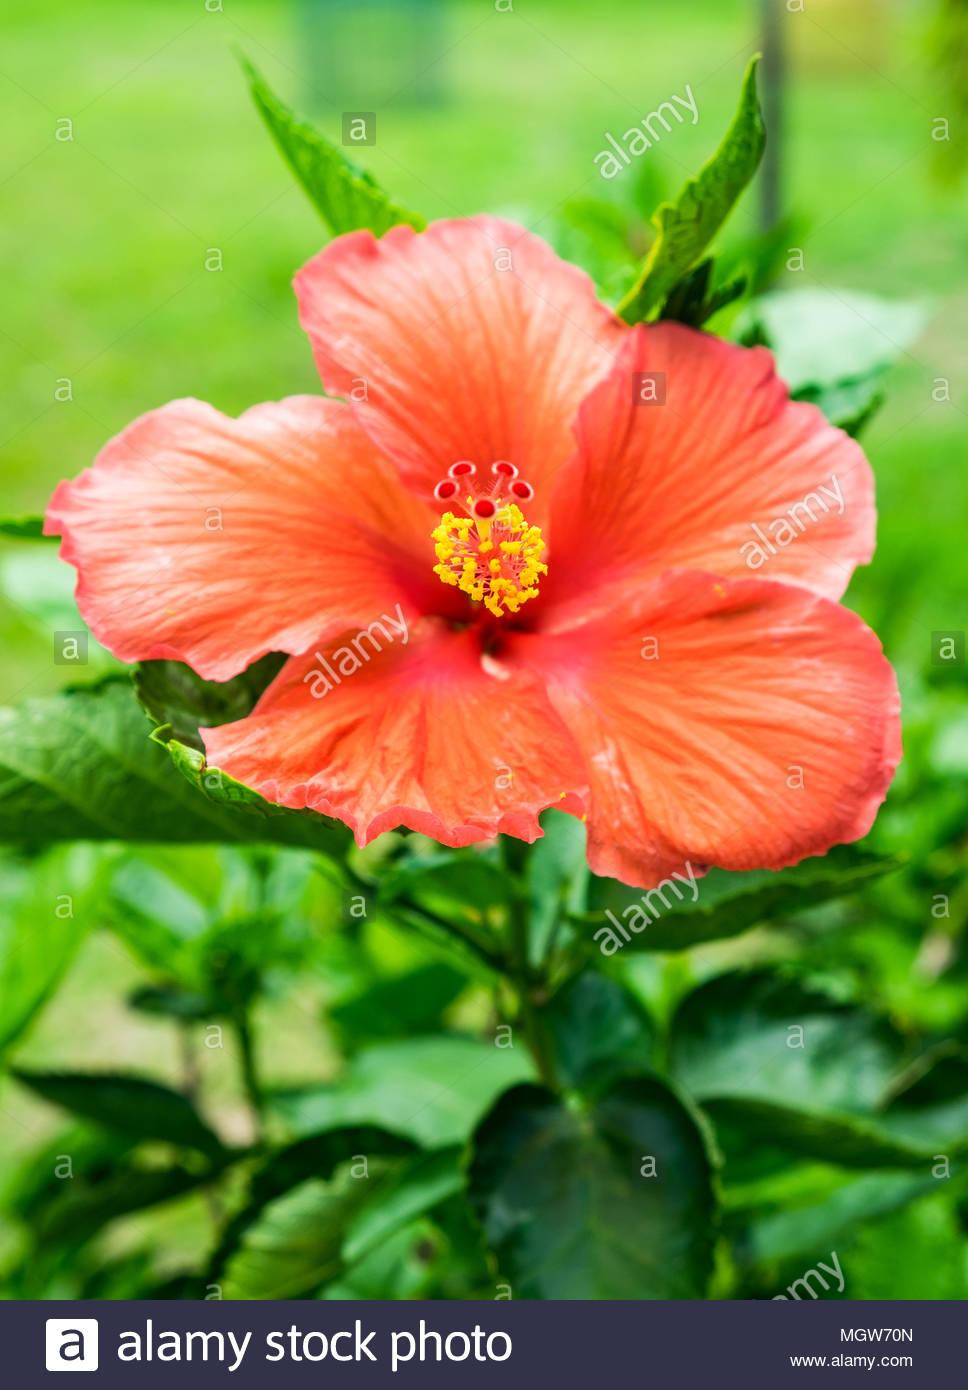 Red orange hibiscus china rose hawaiian flower blossom colorful red orange hibiscus china rose hawaiian flower blossom colorful ornamental izmirmasajfo